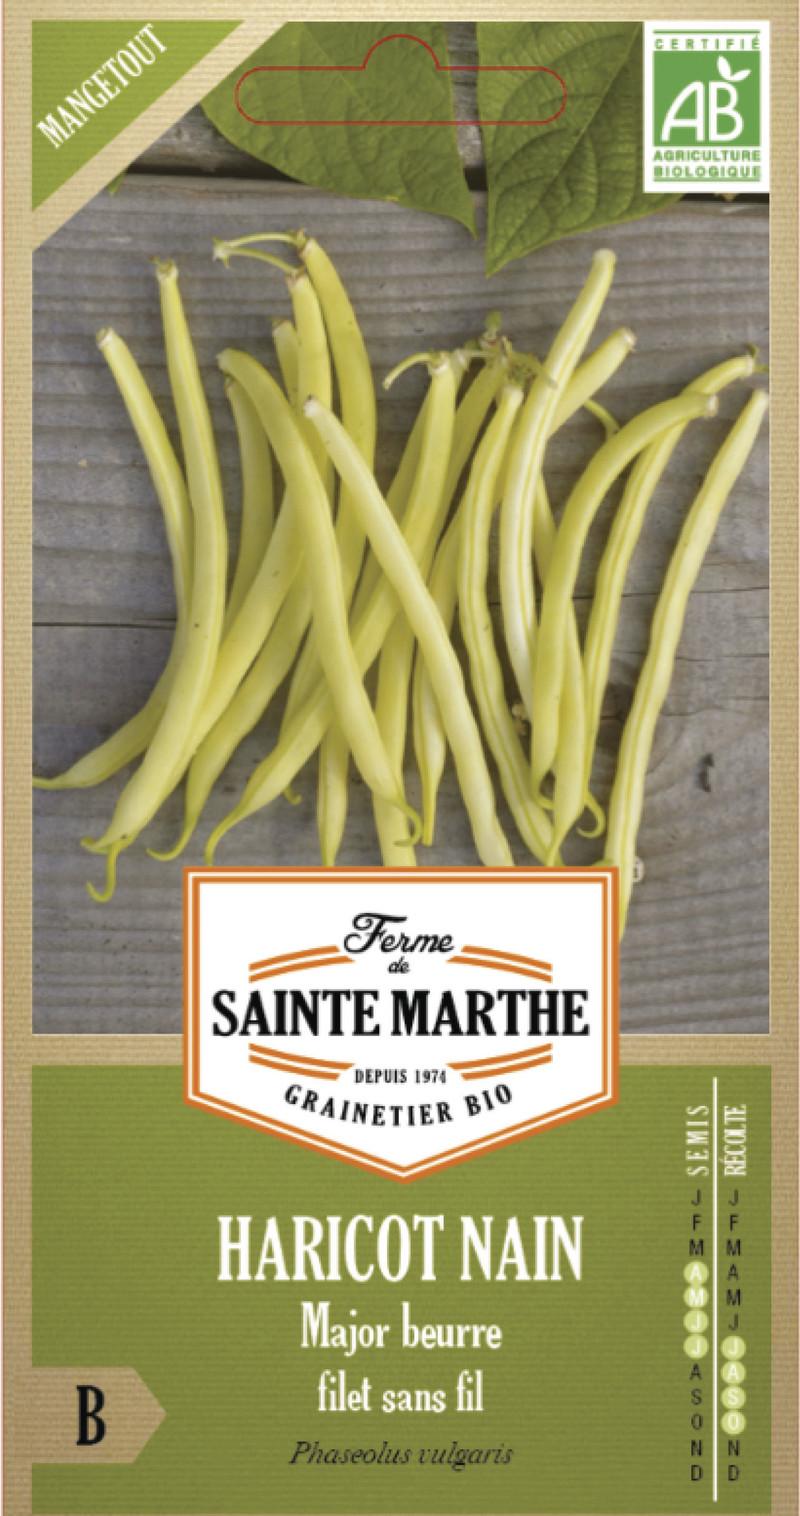 haricot major beurre nain filet sans fil bio la ferme de sainte marthe graine semence potager boite - Voir en grand